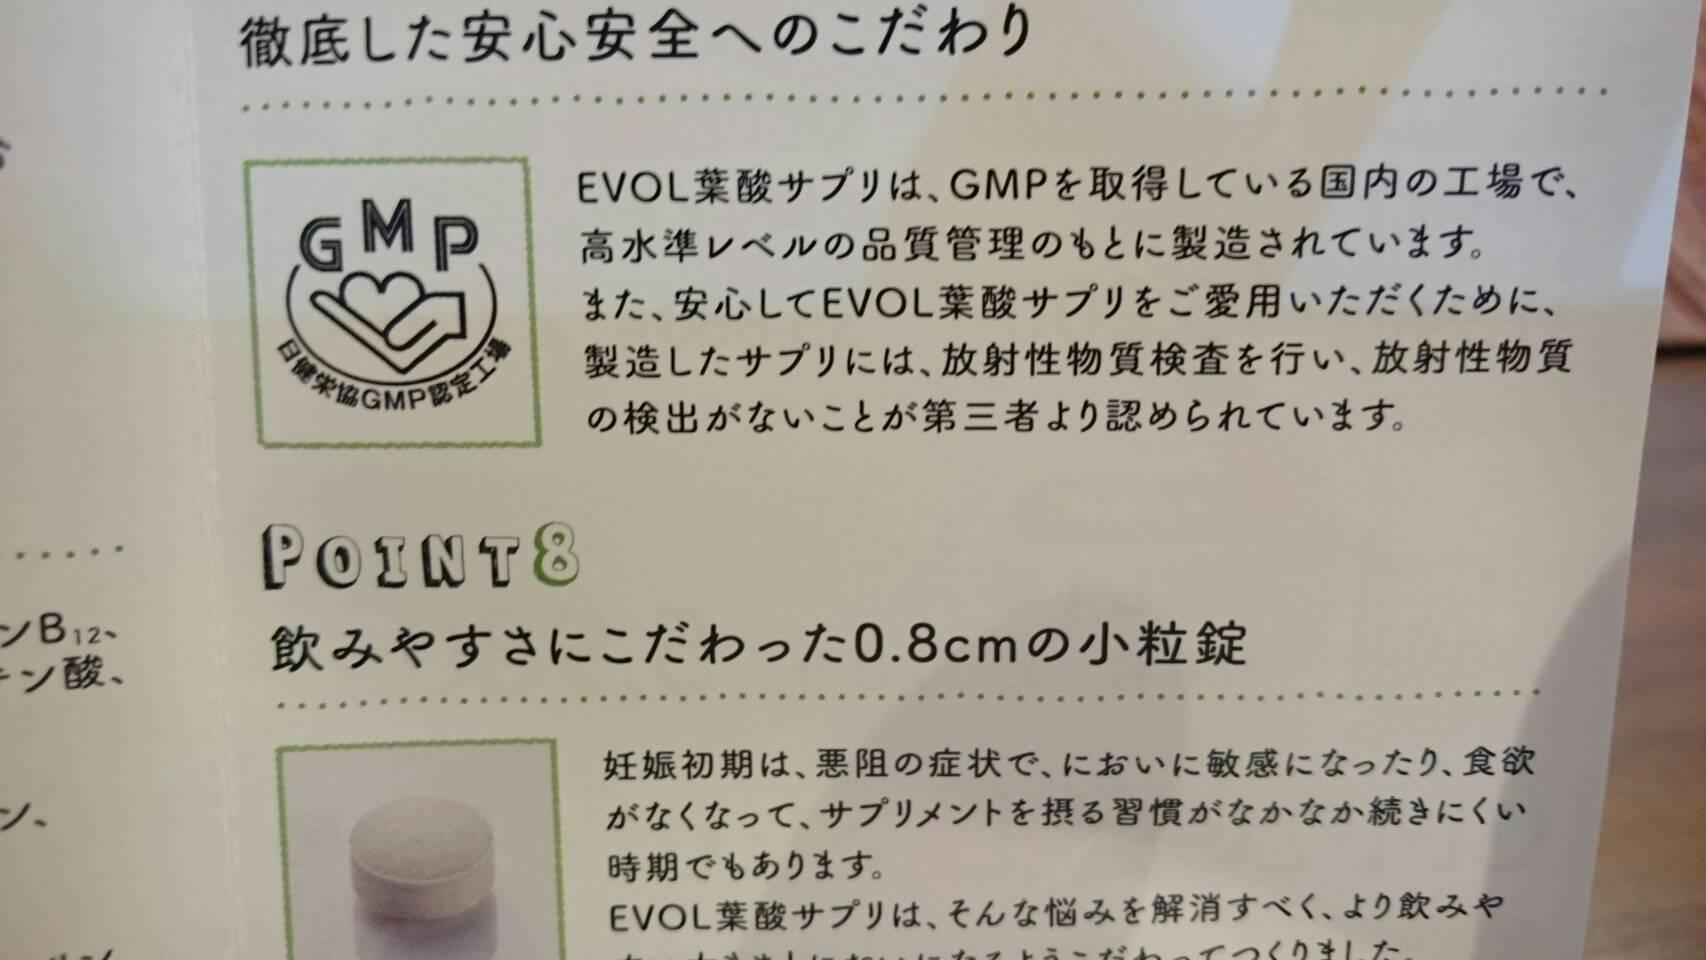 GMPマークの写真